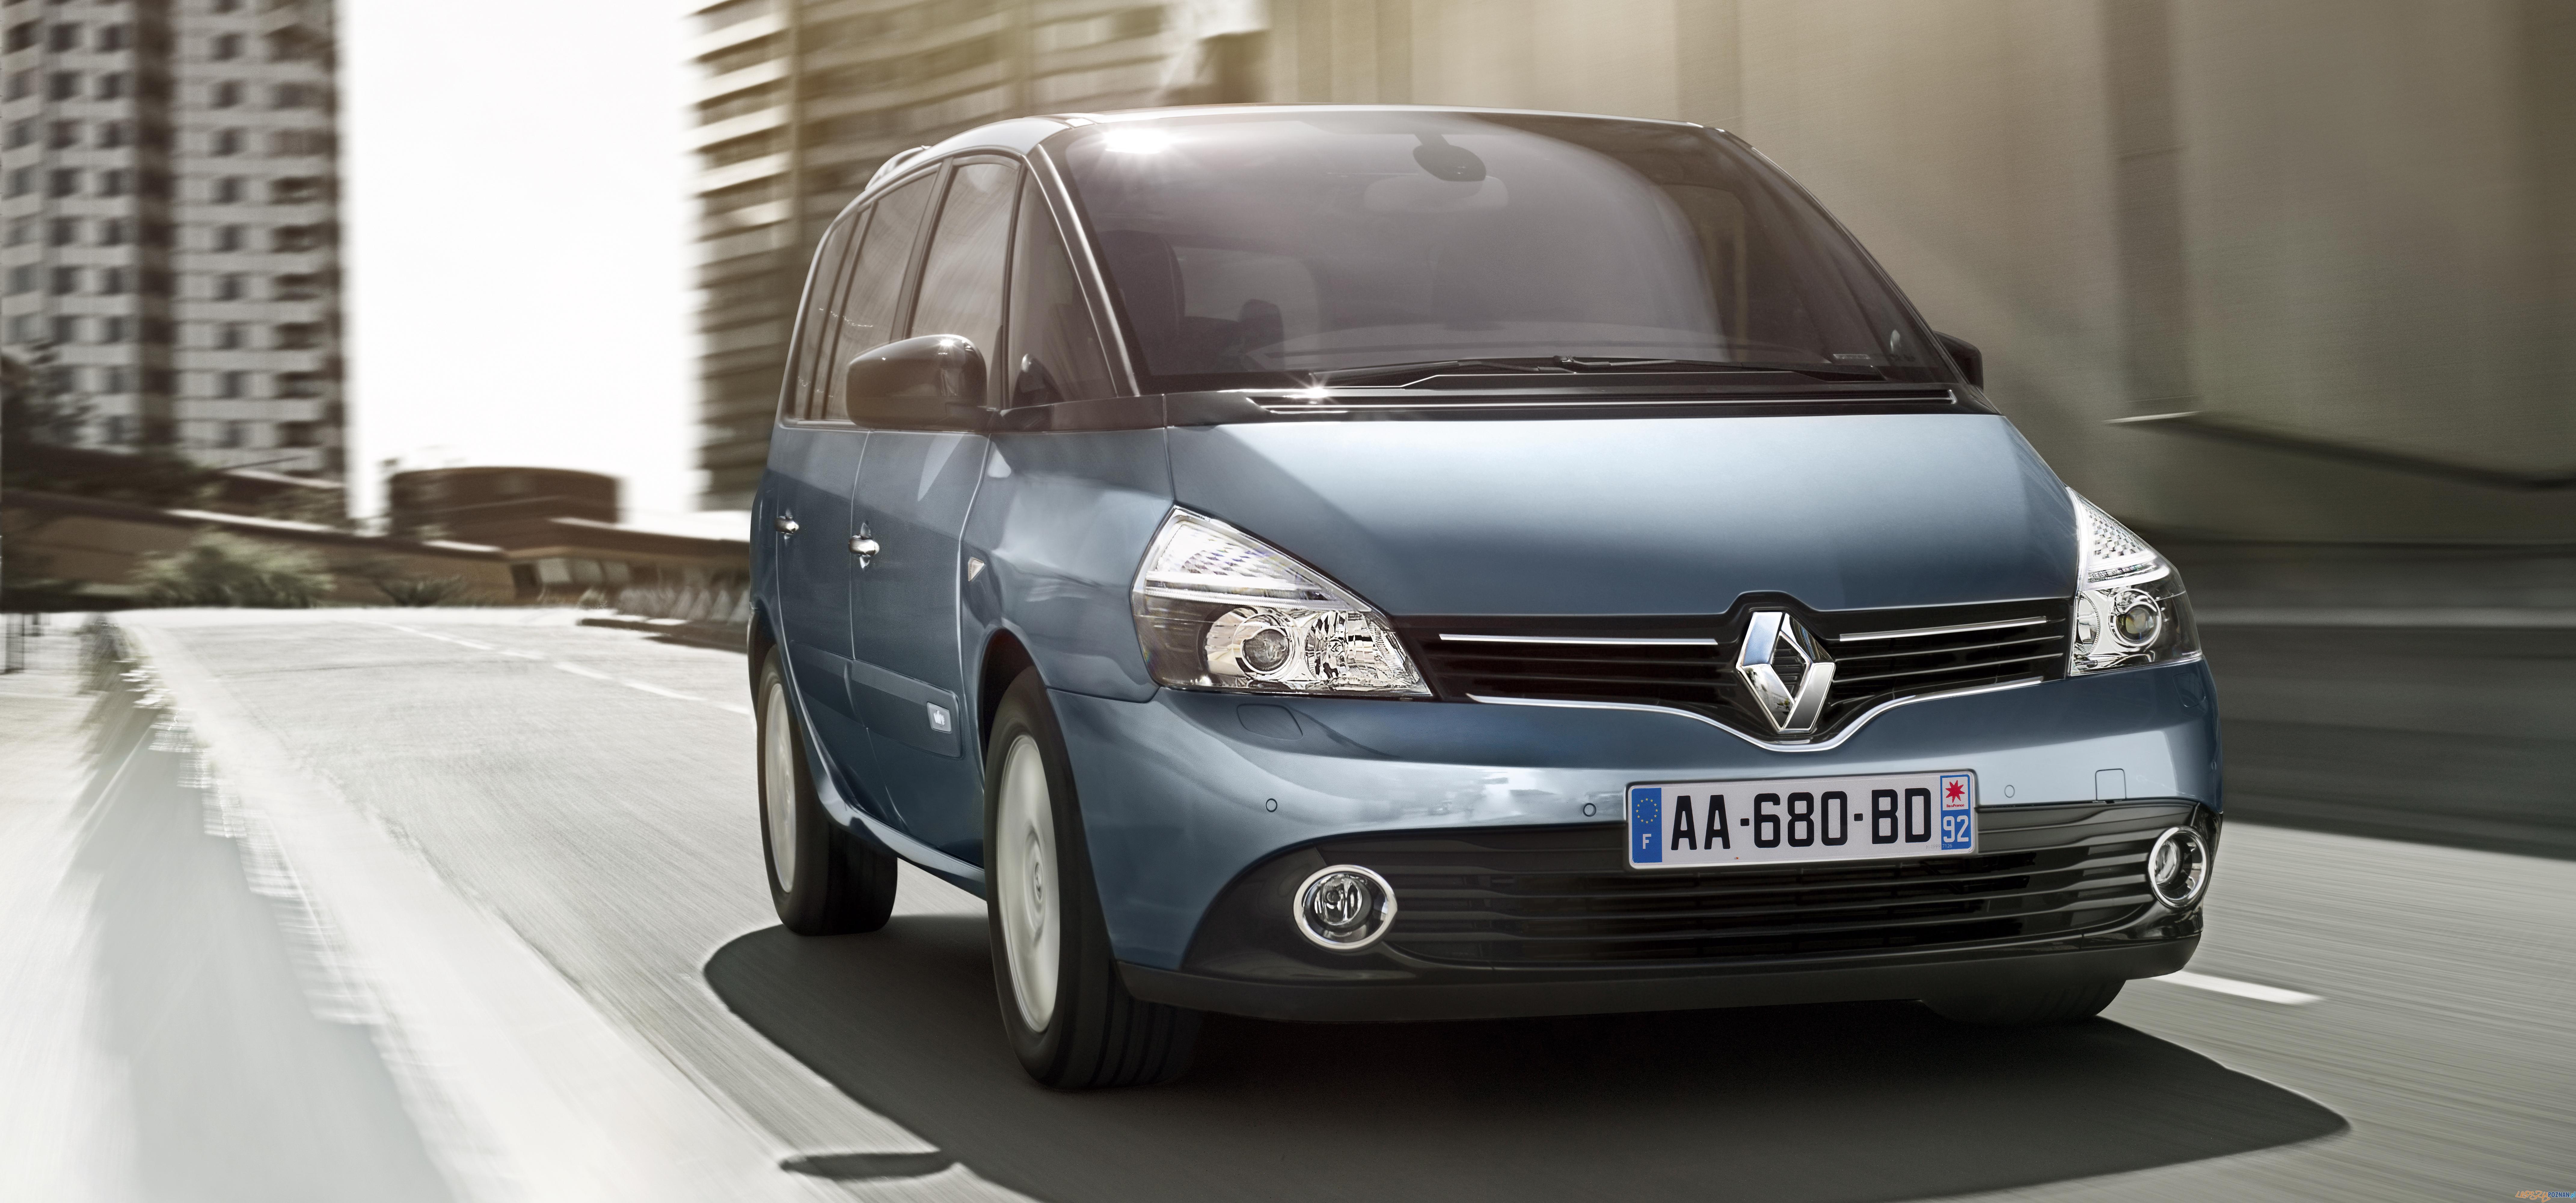 Nowy renault espace  Foto: materiały prasowe Renault